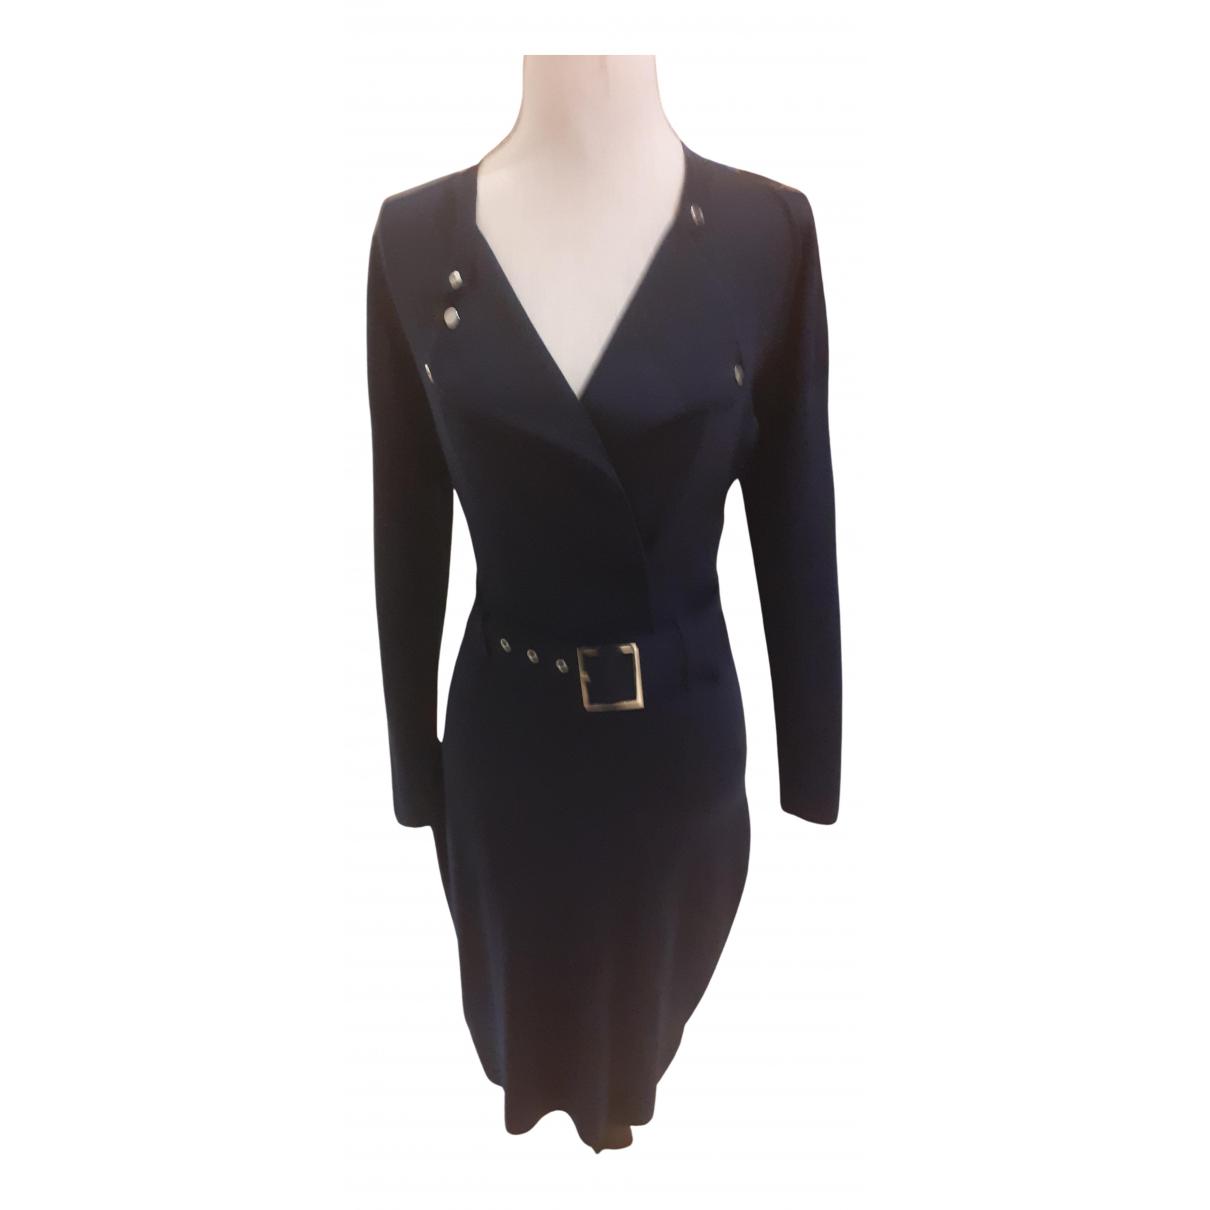 Karen Millen \N Kleid in  Blau Wolle